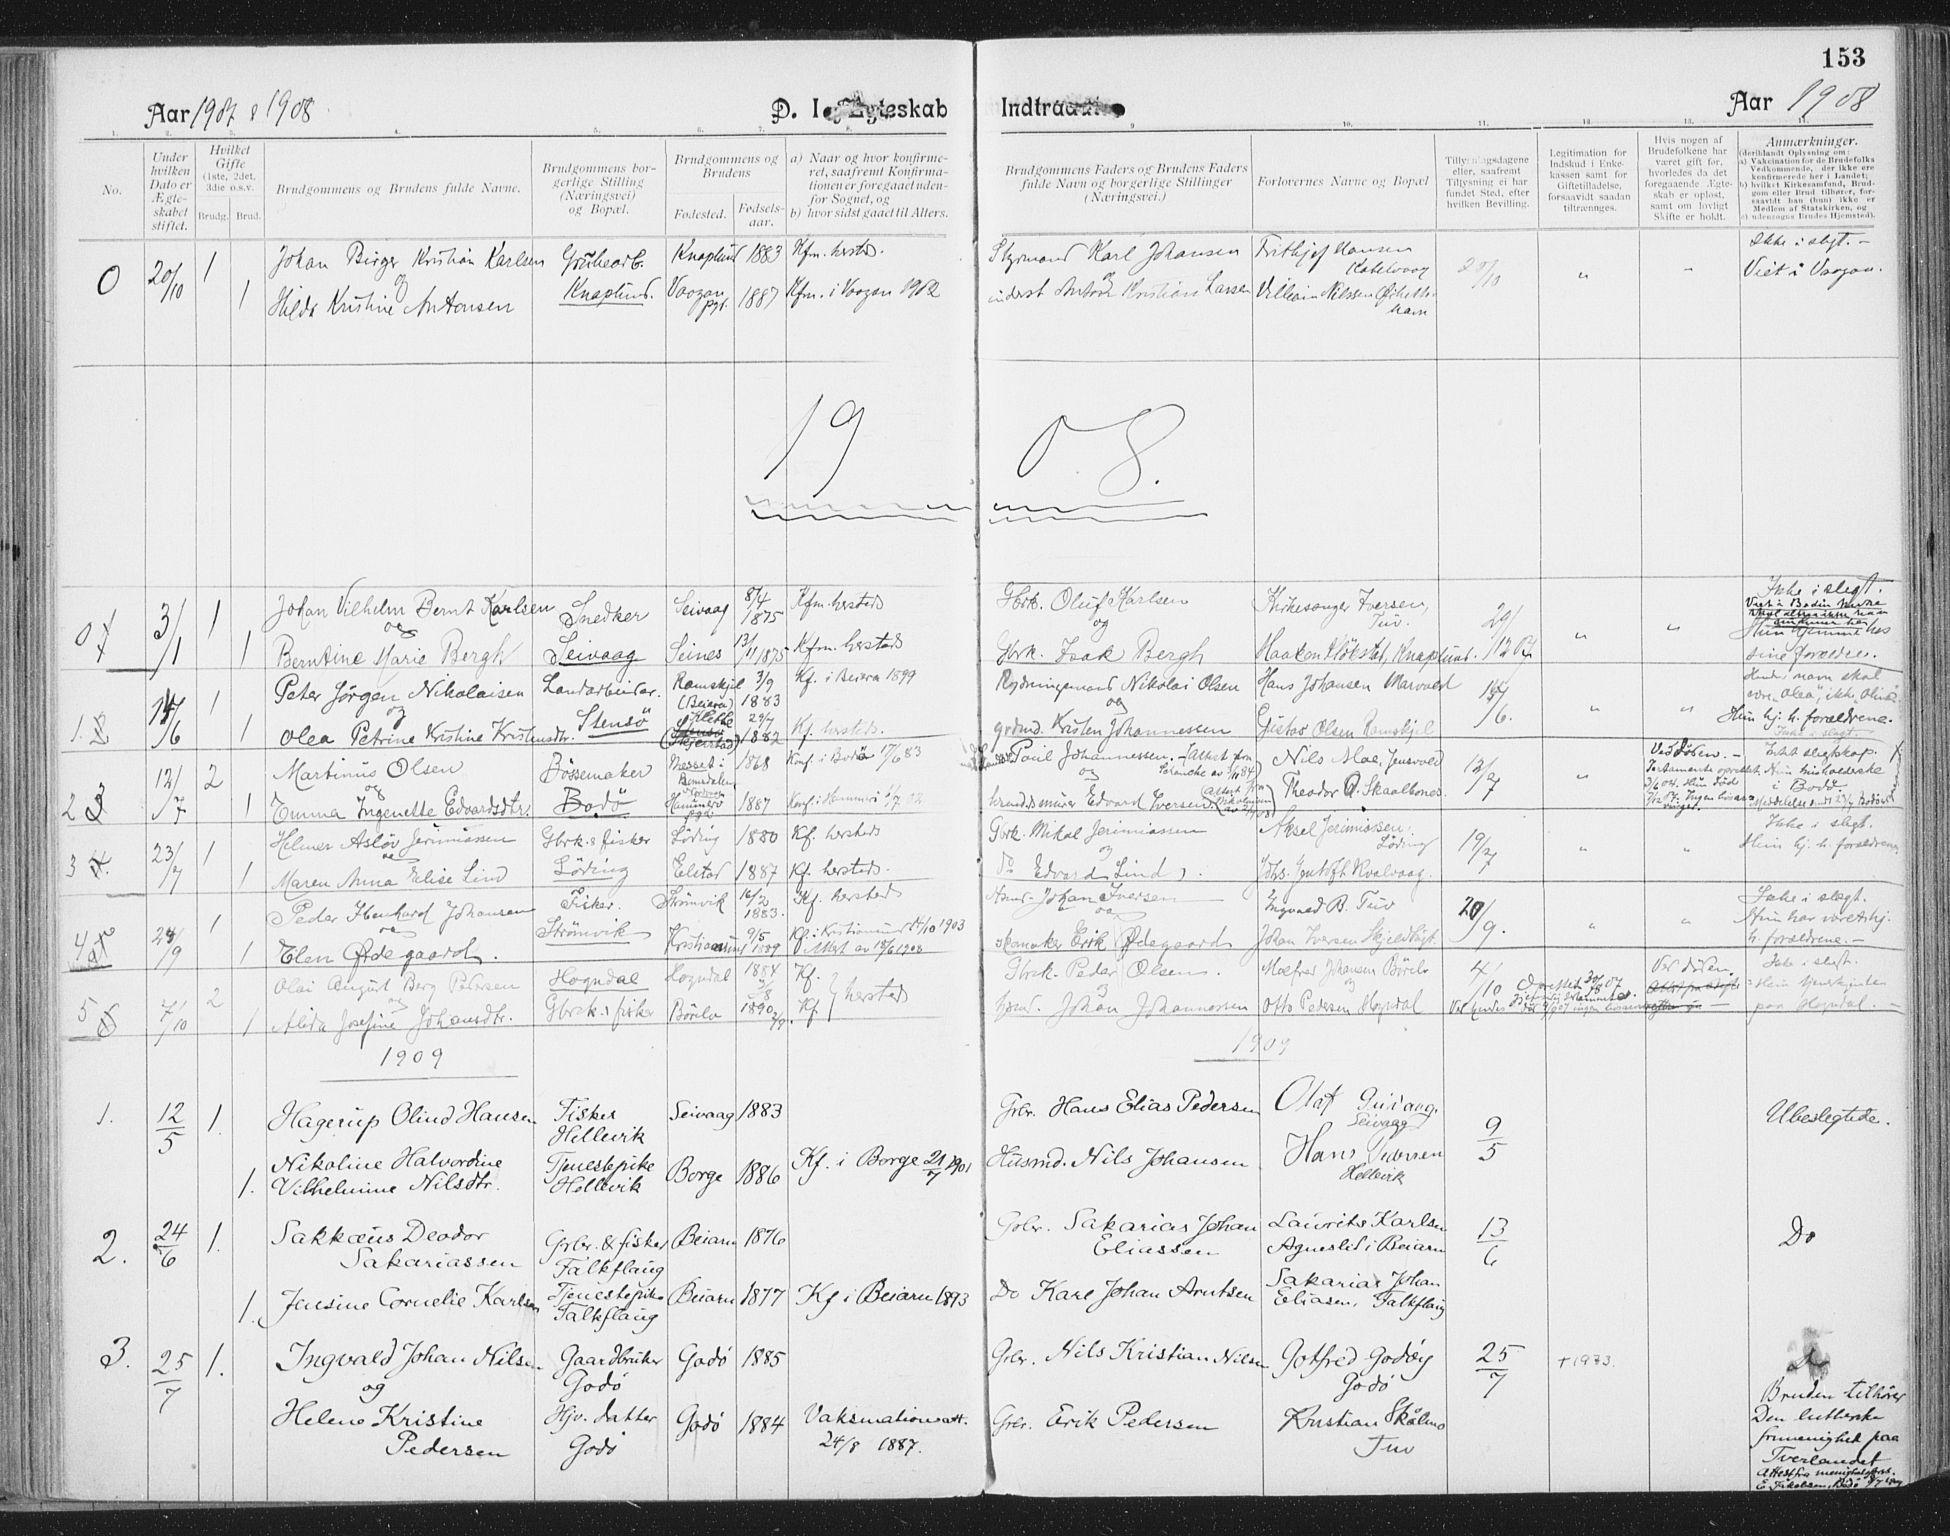 SAT, Ministerialprotokoller, klokkerbøker og fødselsregistre - Nordland, 804/L0081: Parish register (official) no. 804A02, 1901-1915, p. 153